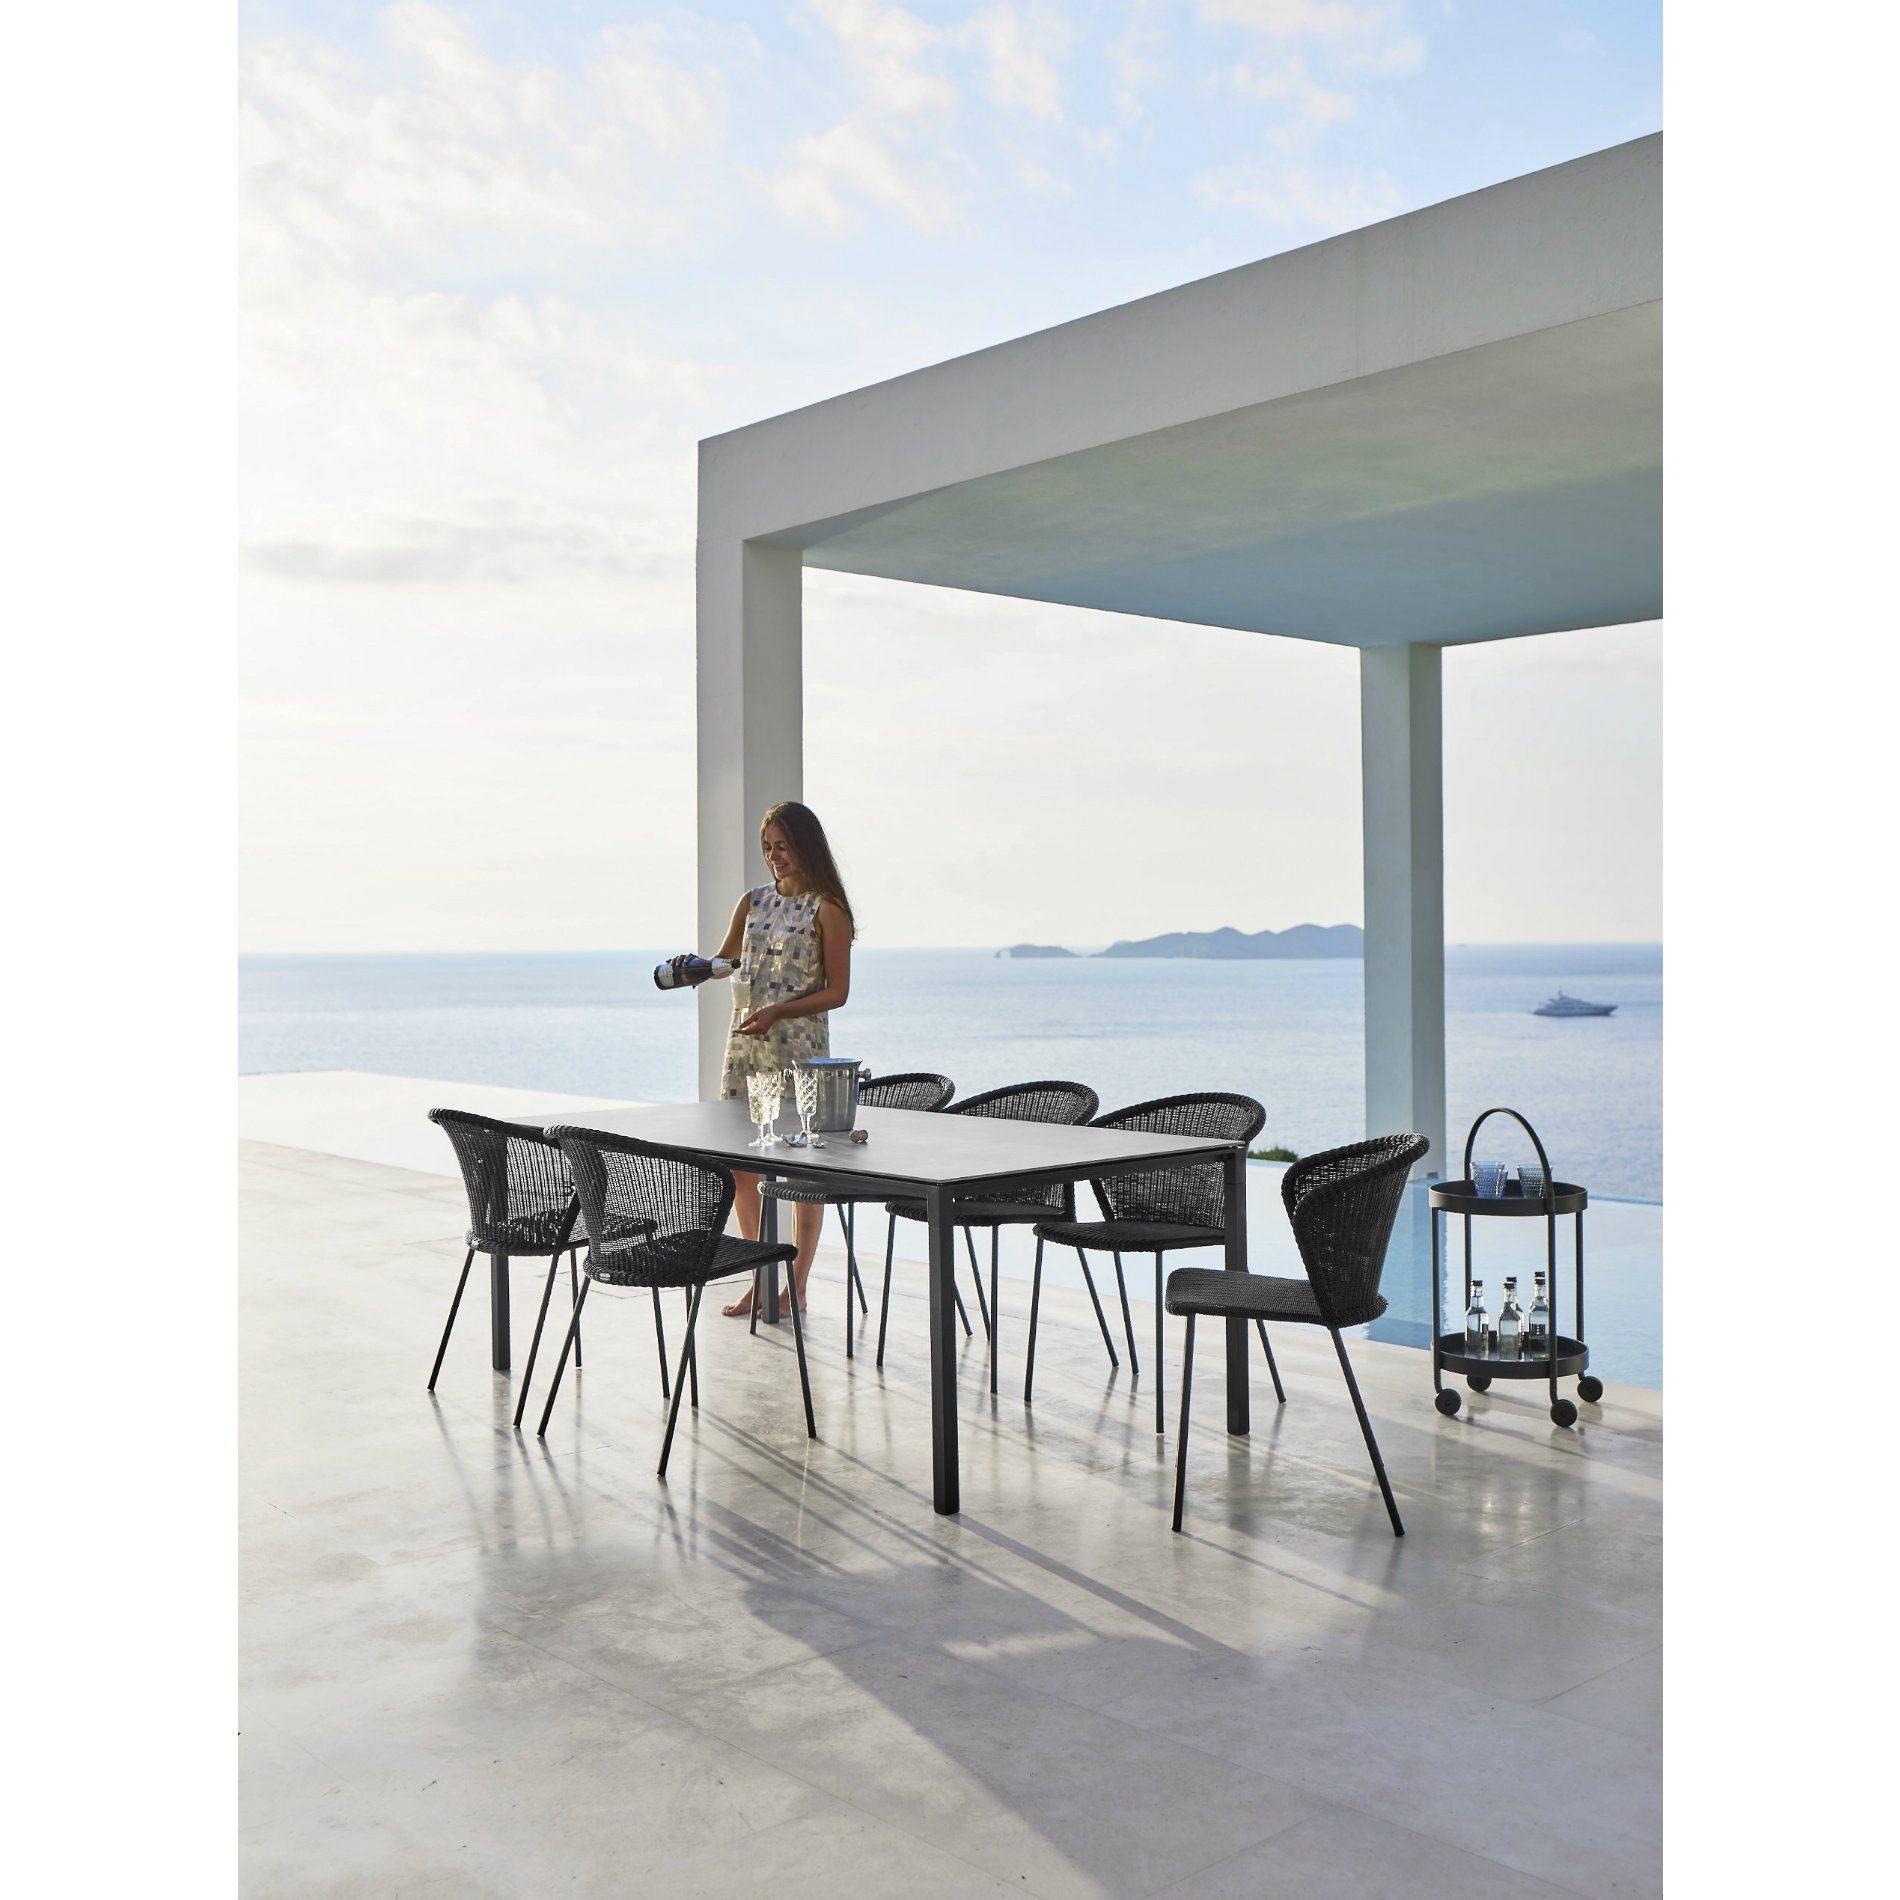 cane line gartenstuhl lean. Black Bedroom Furniture Sets. Home Design Ideas